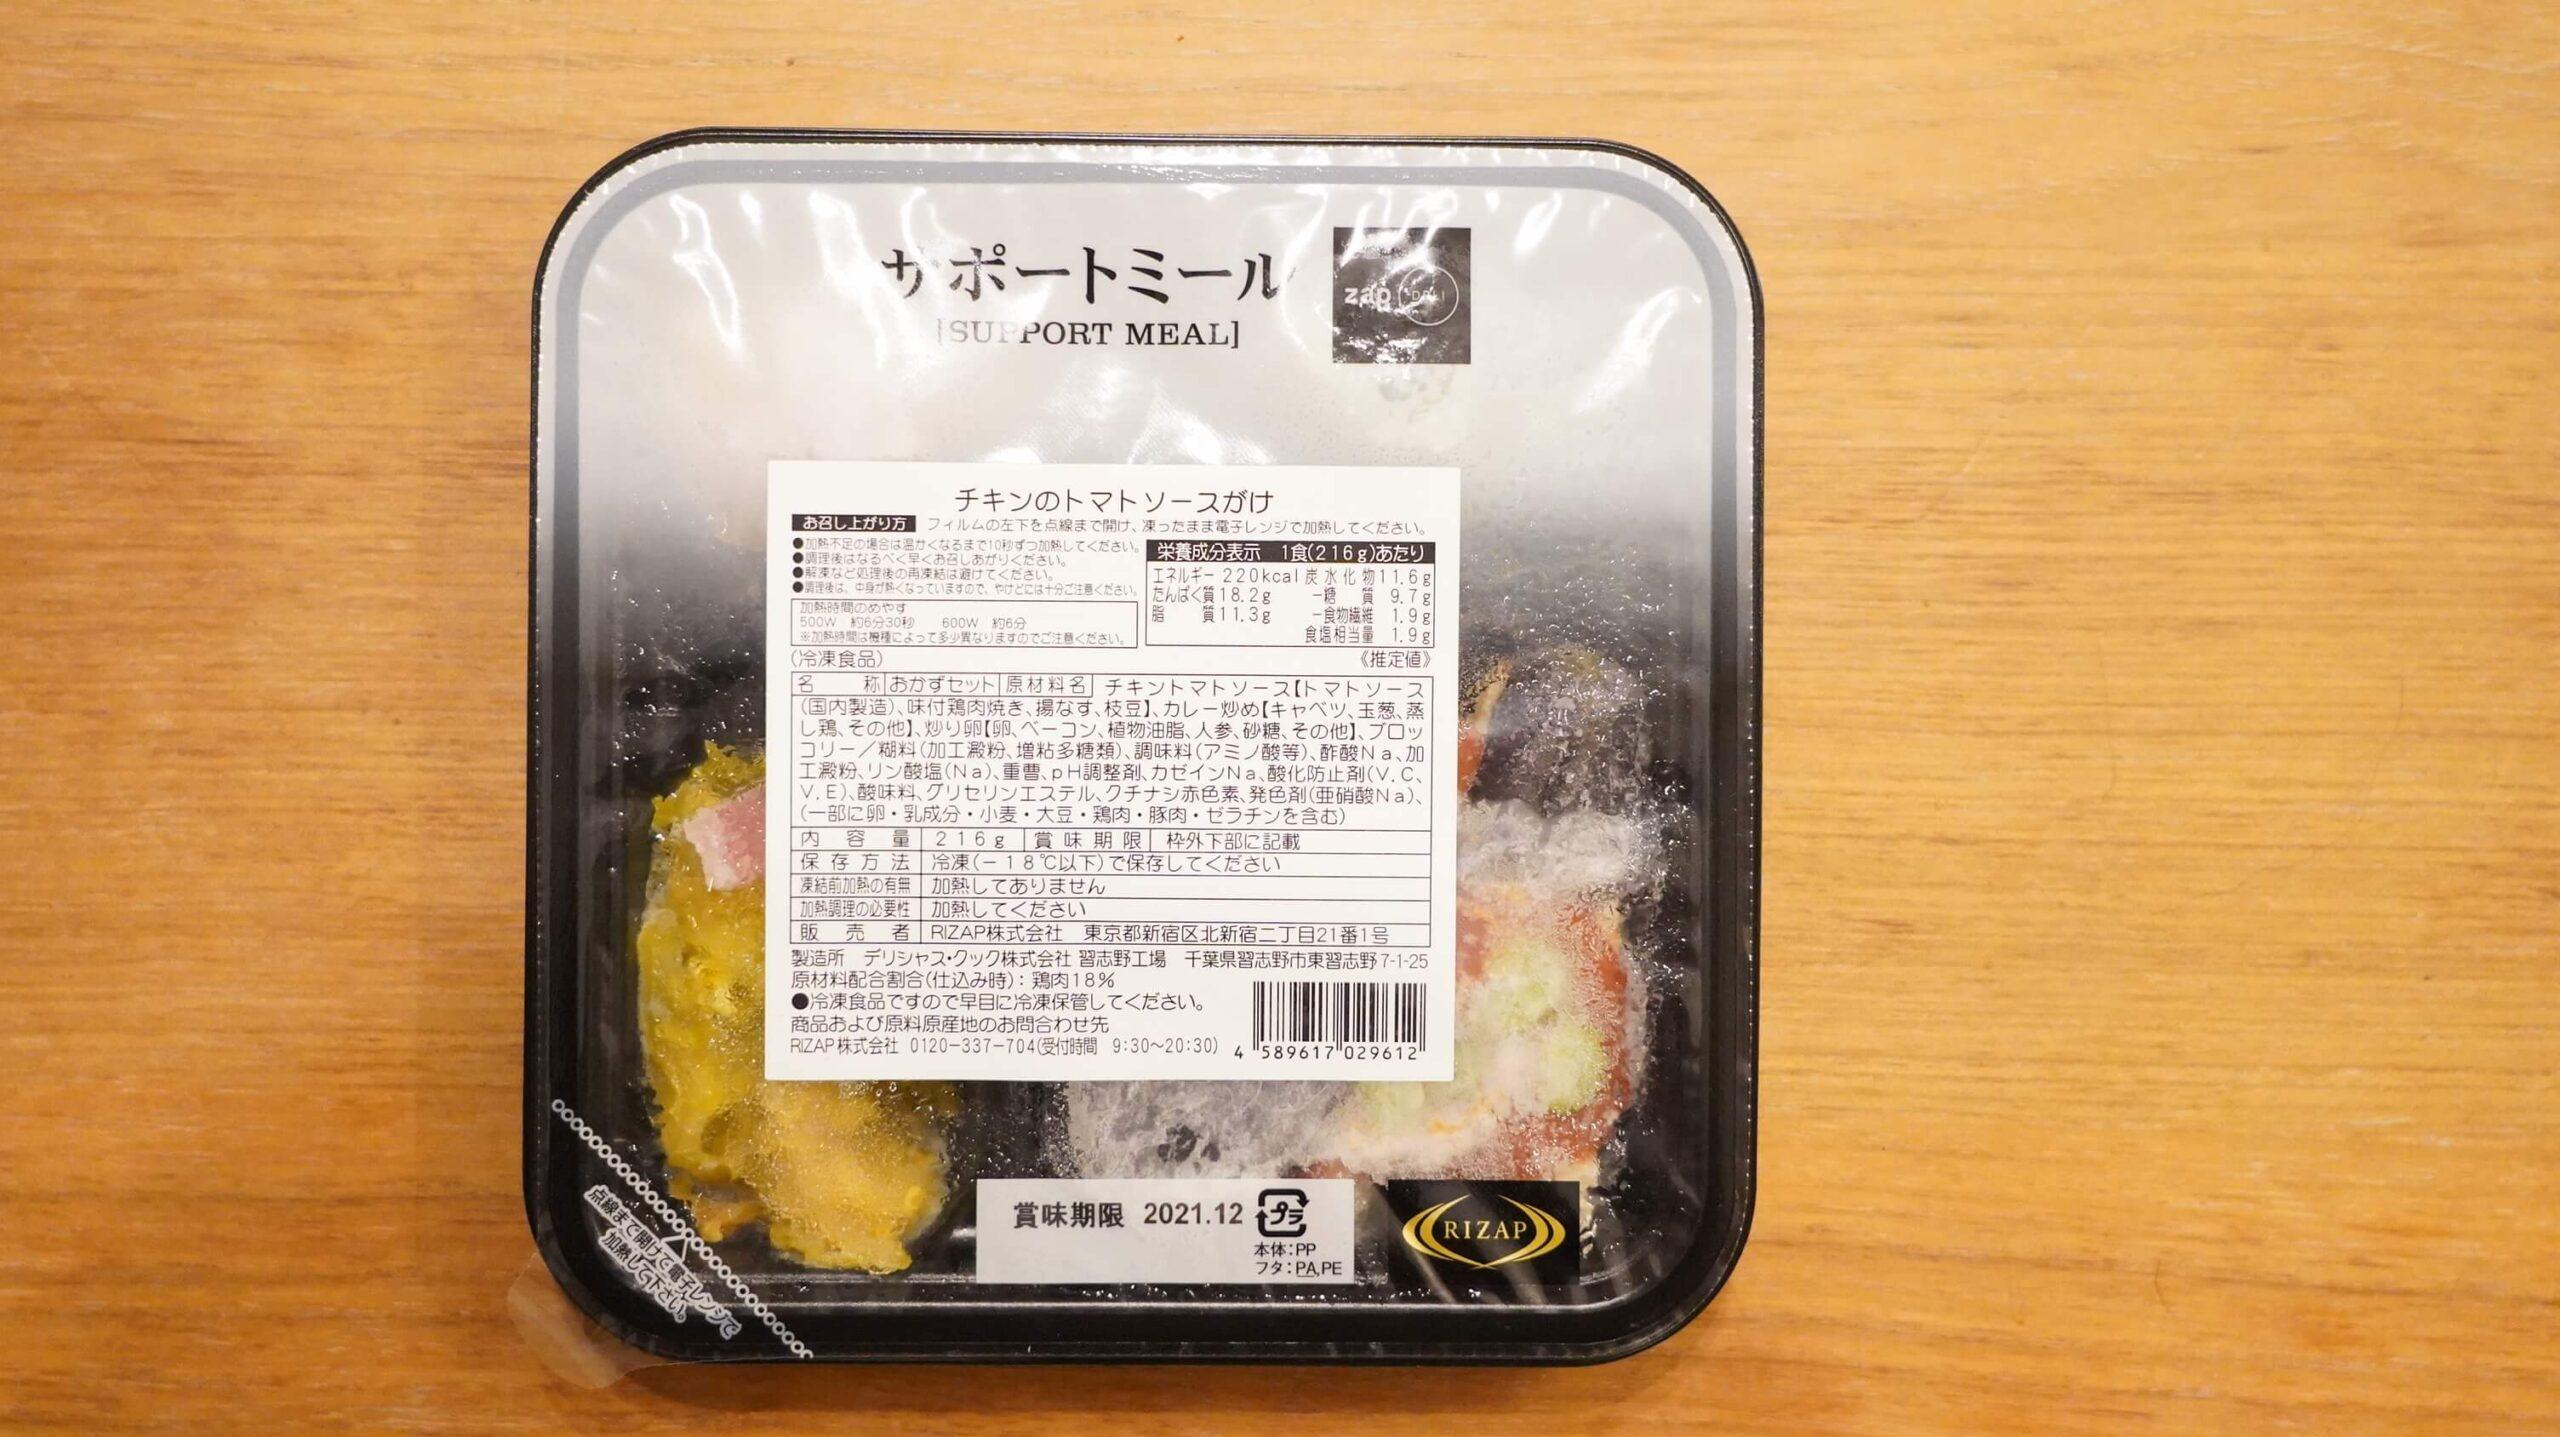 ライザップのサポートミール「チキンのトマトソースがけ」のパッケージ写真